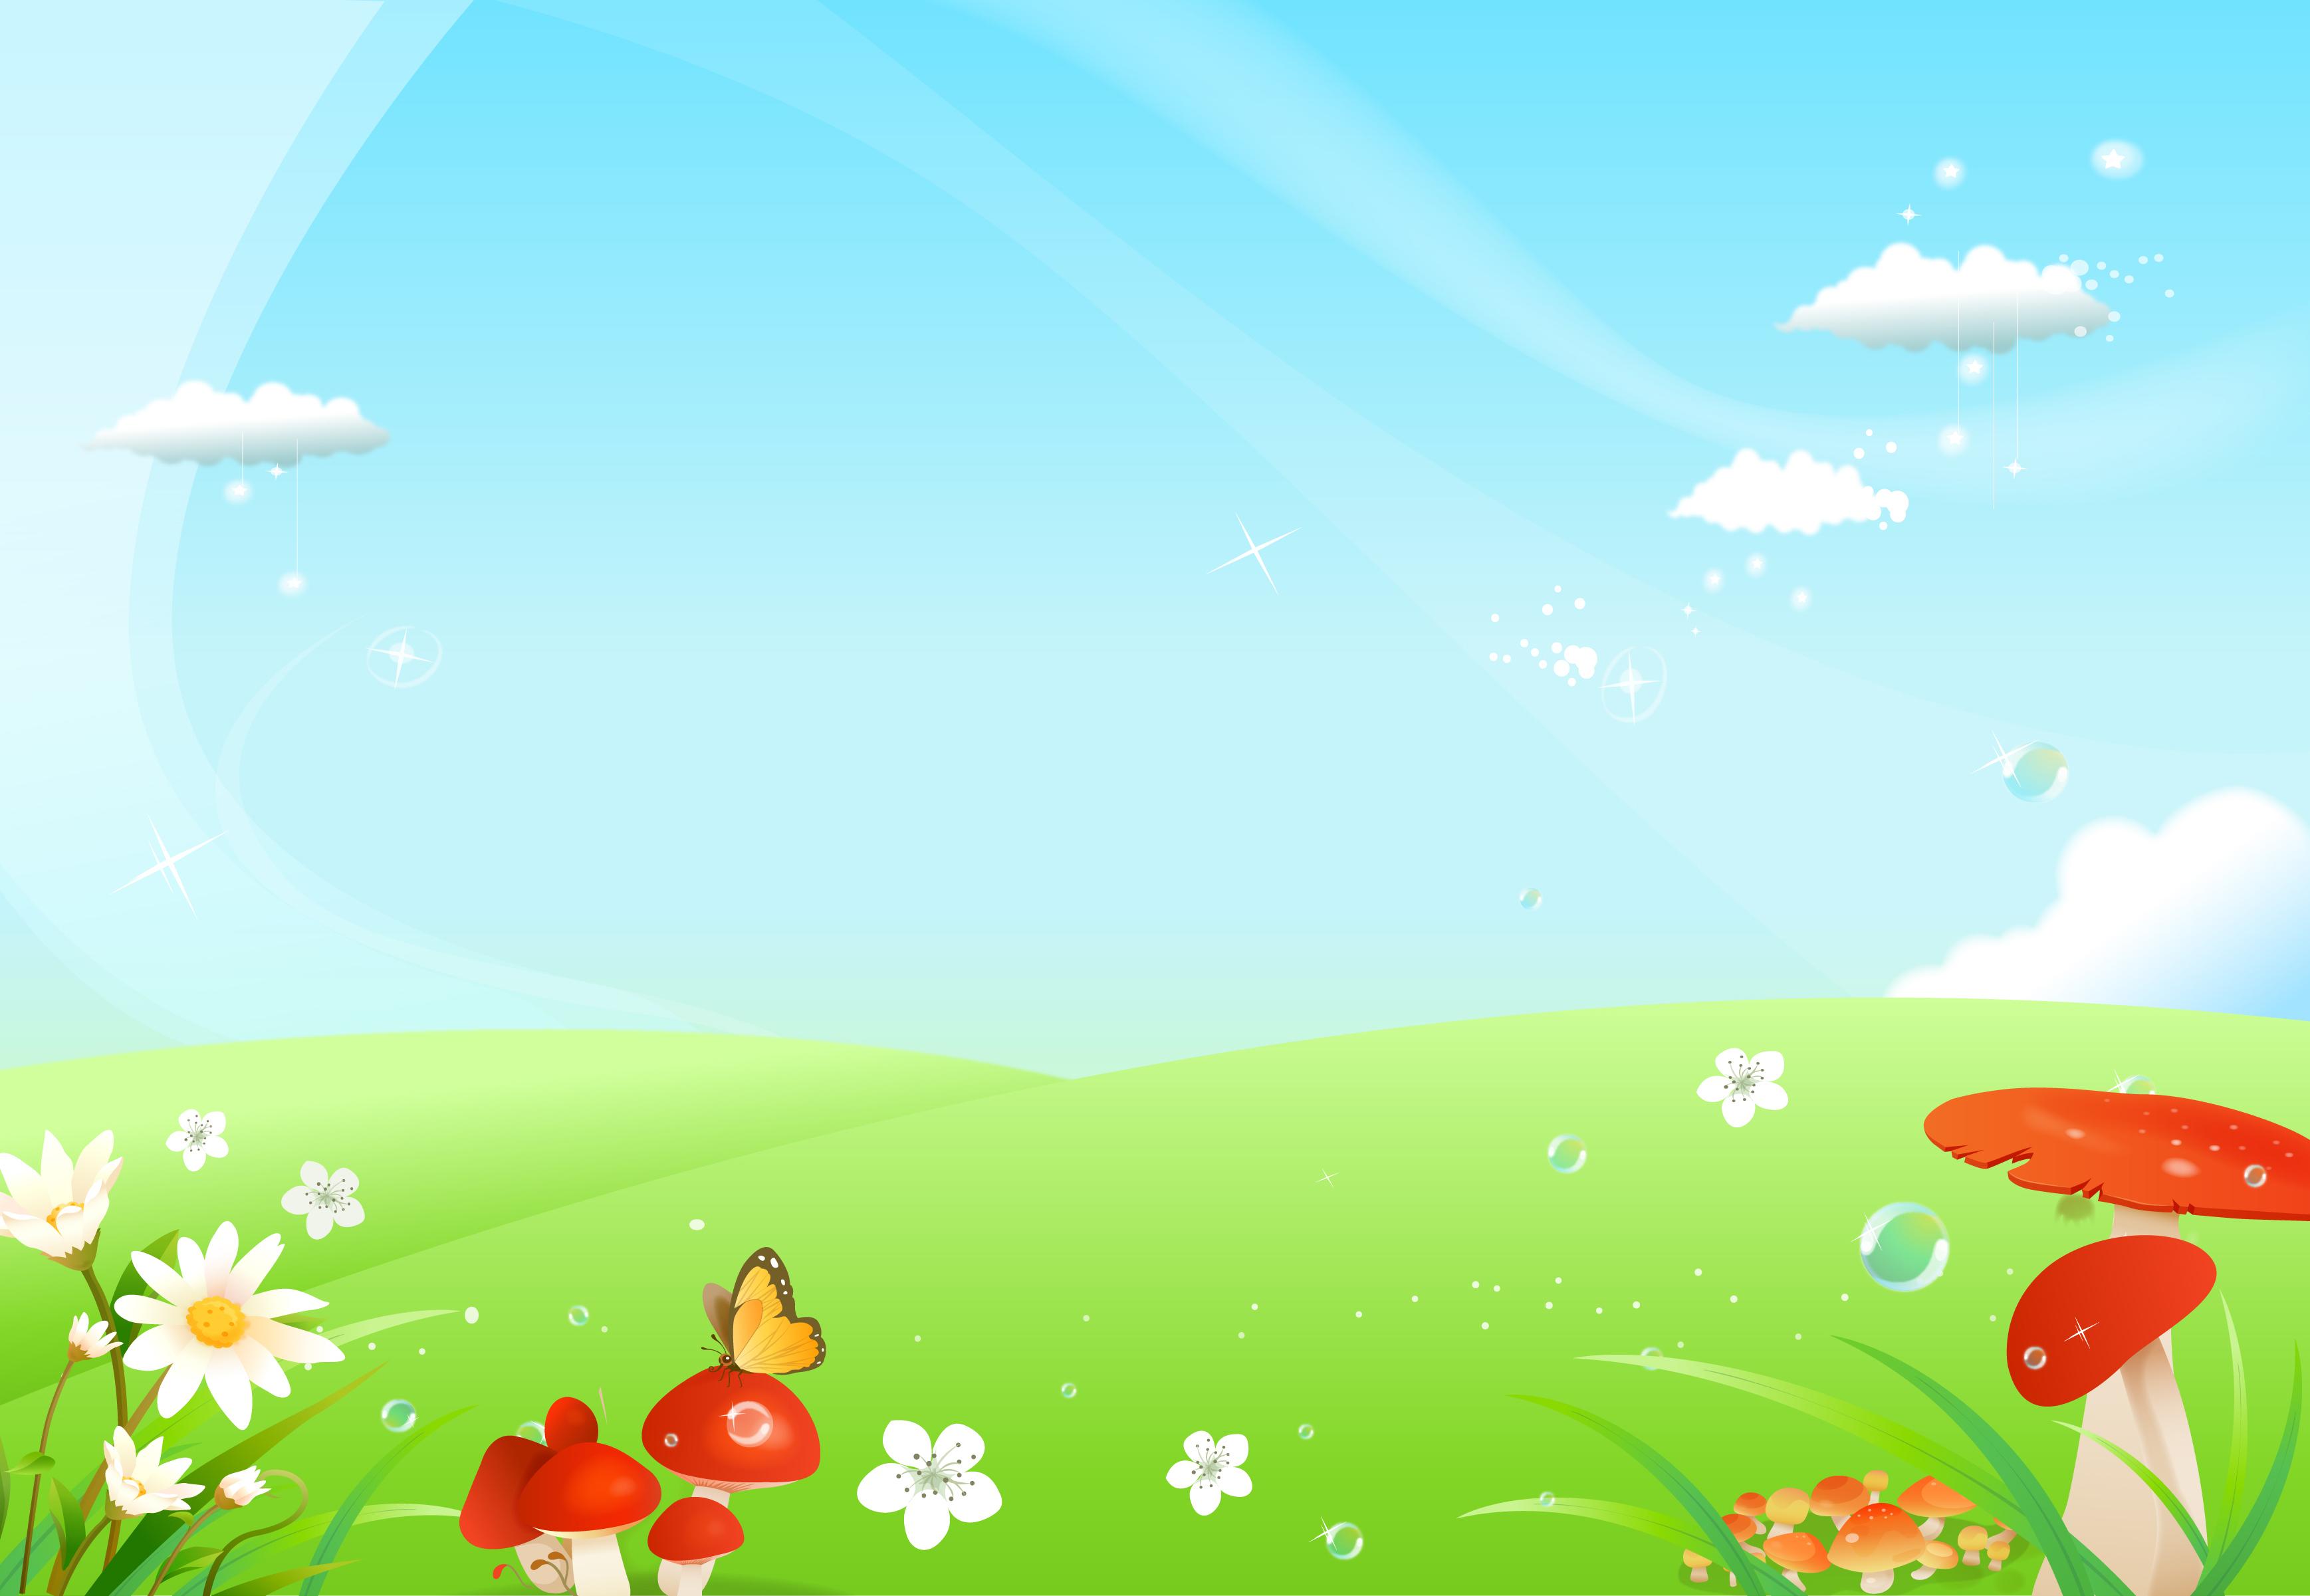 Картинки фон для презентации детские